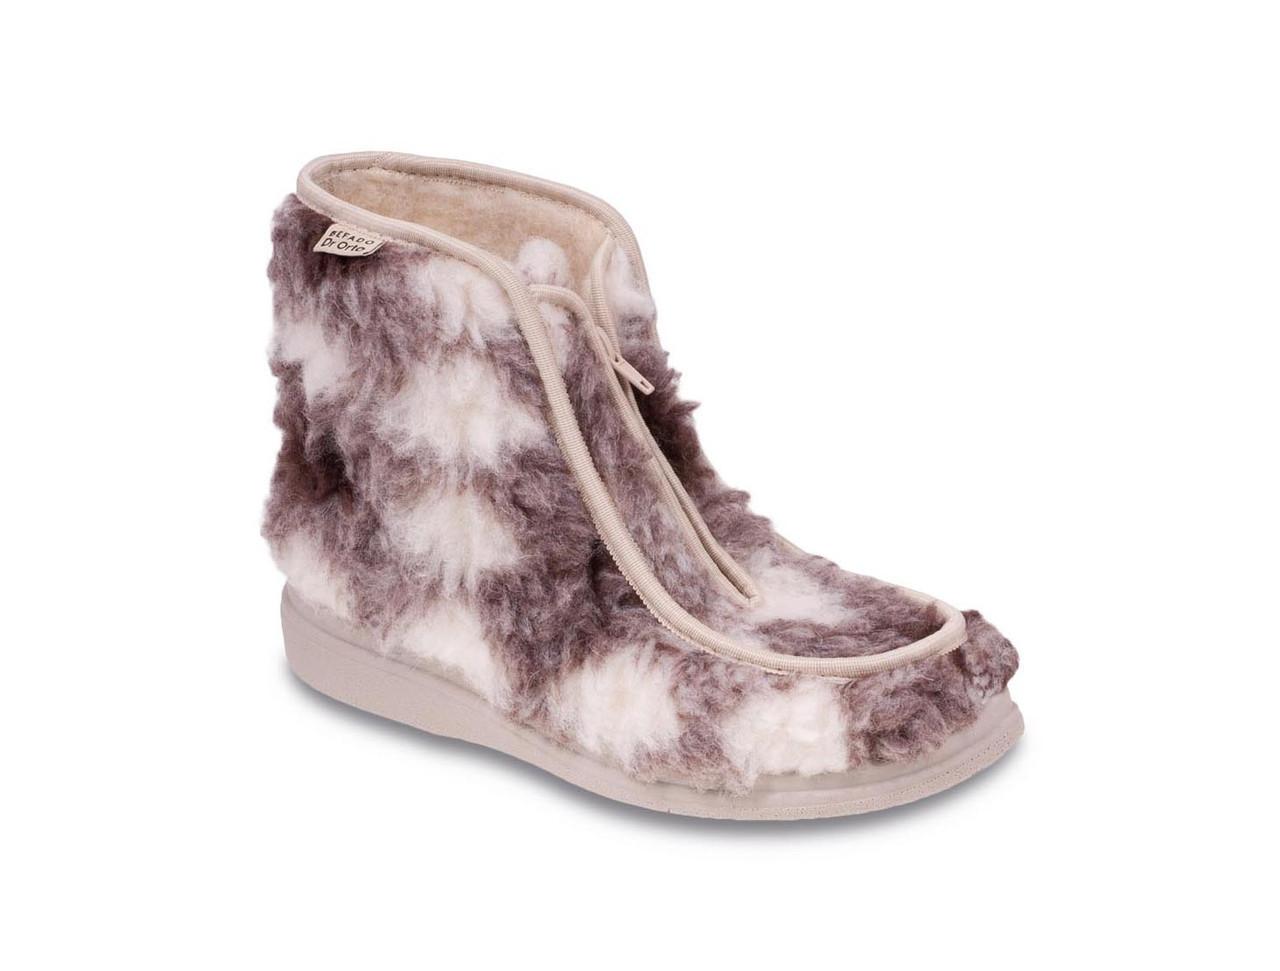 Купить Зимние ботинки диабетические, для проблемных ног мужские DrOrto 996 M 009 44, Befado